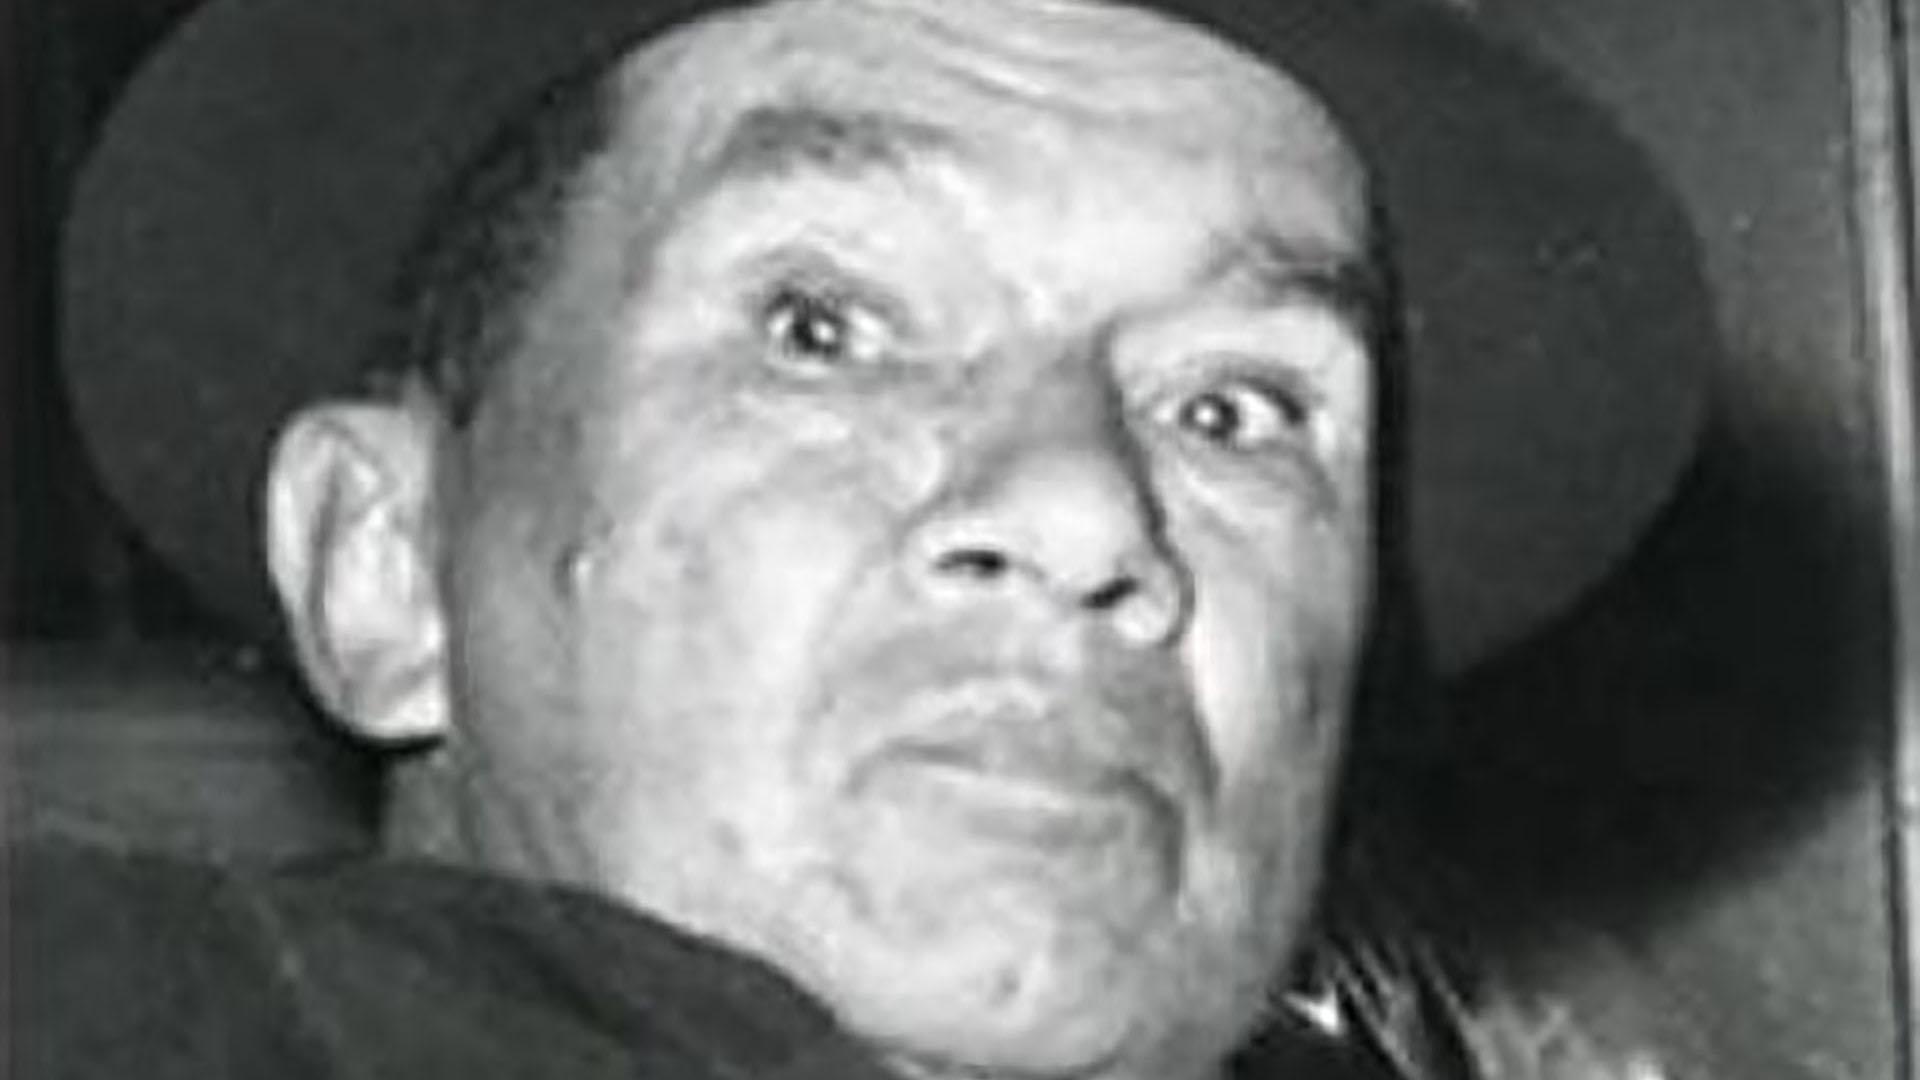 Buenaventura Nepomuceno Matallana gozaba de un prestigio entre la sociedad bogotana que se mantuvo pese a su condena.